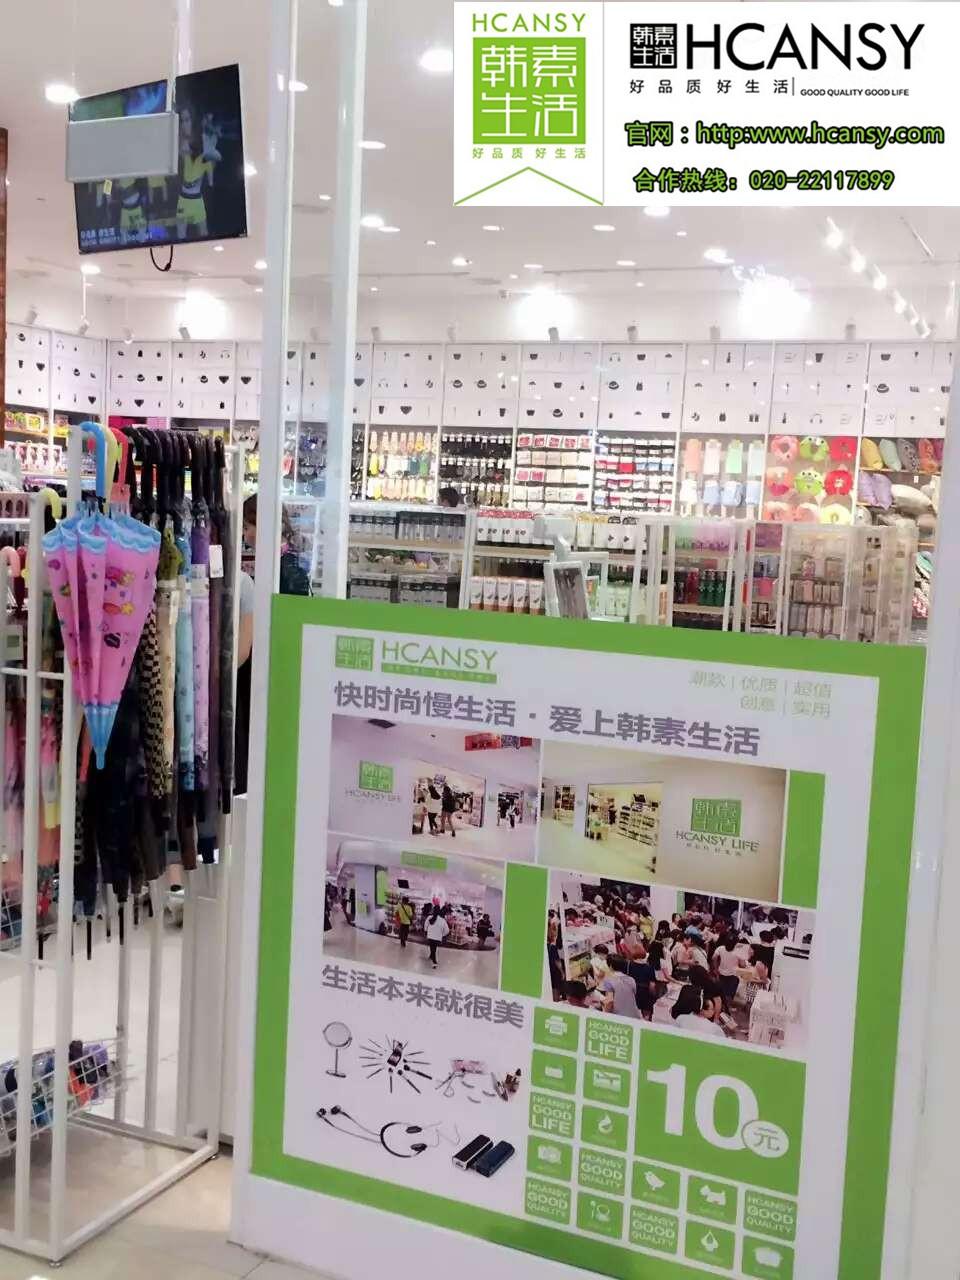 投资广州韩之素品质生活购物